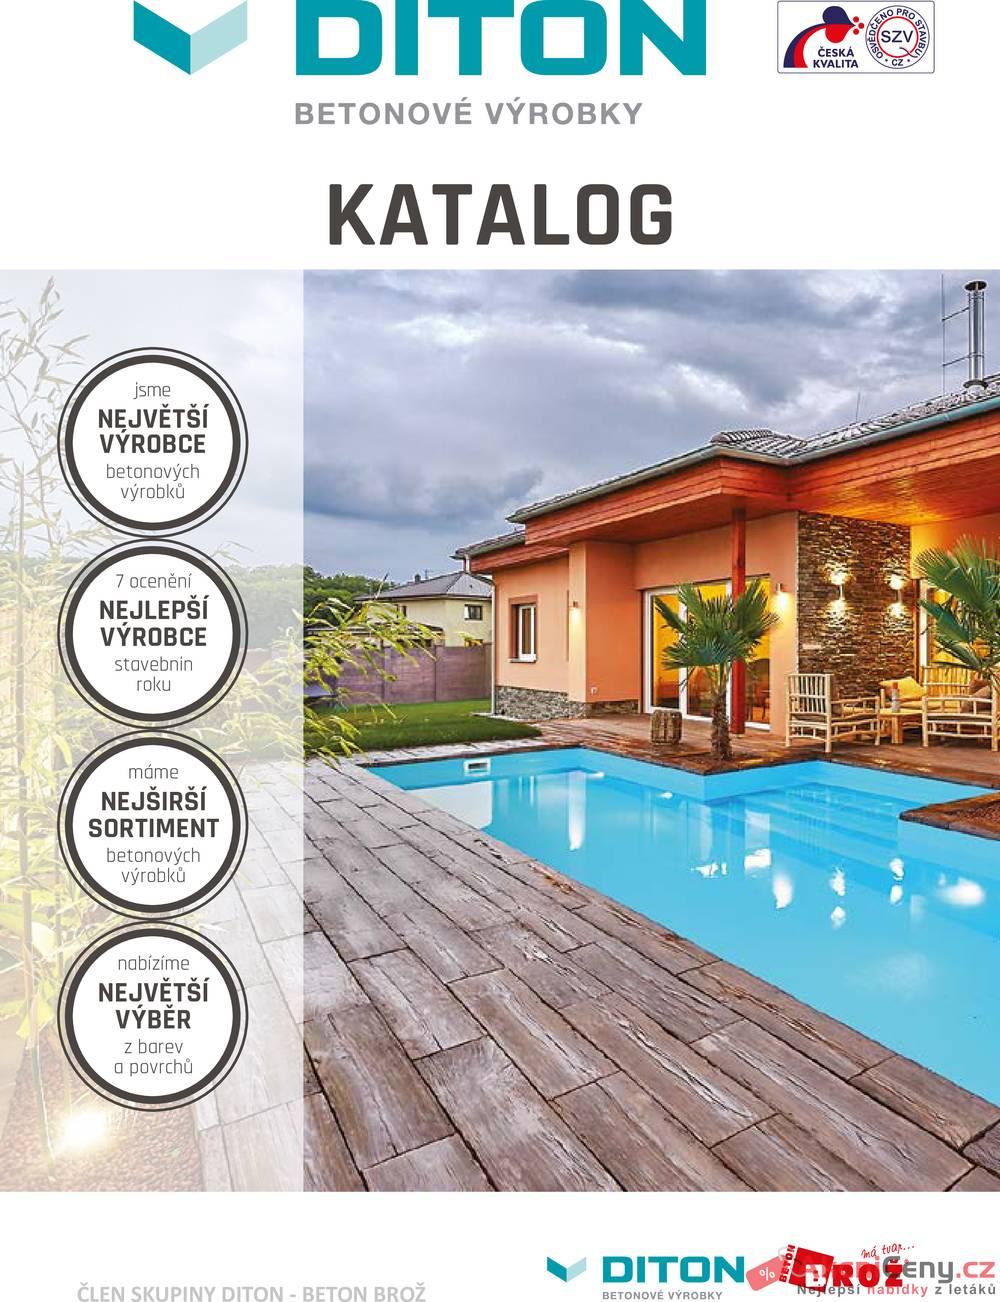 Katalog DITON do 31.12.